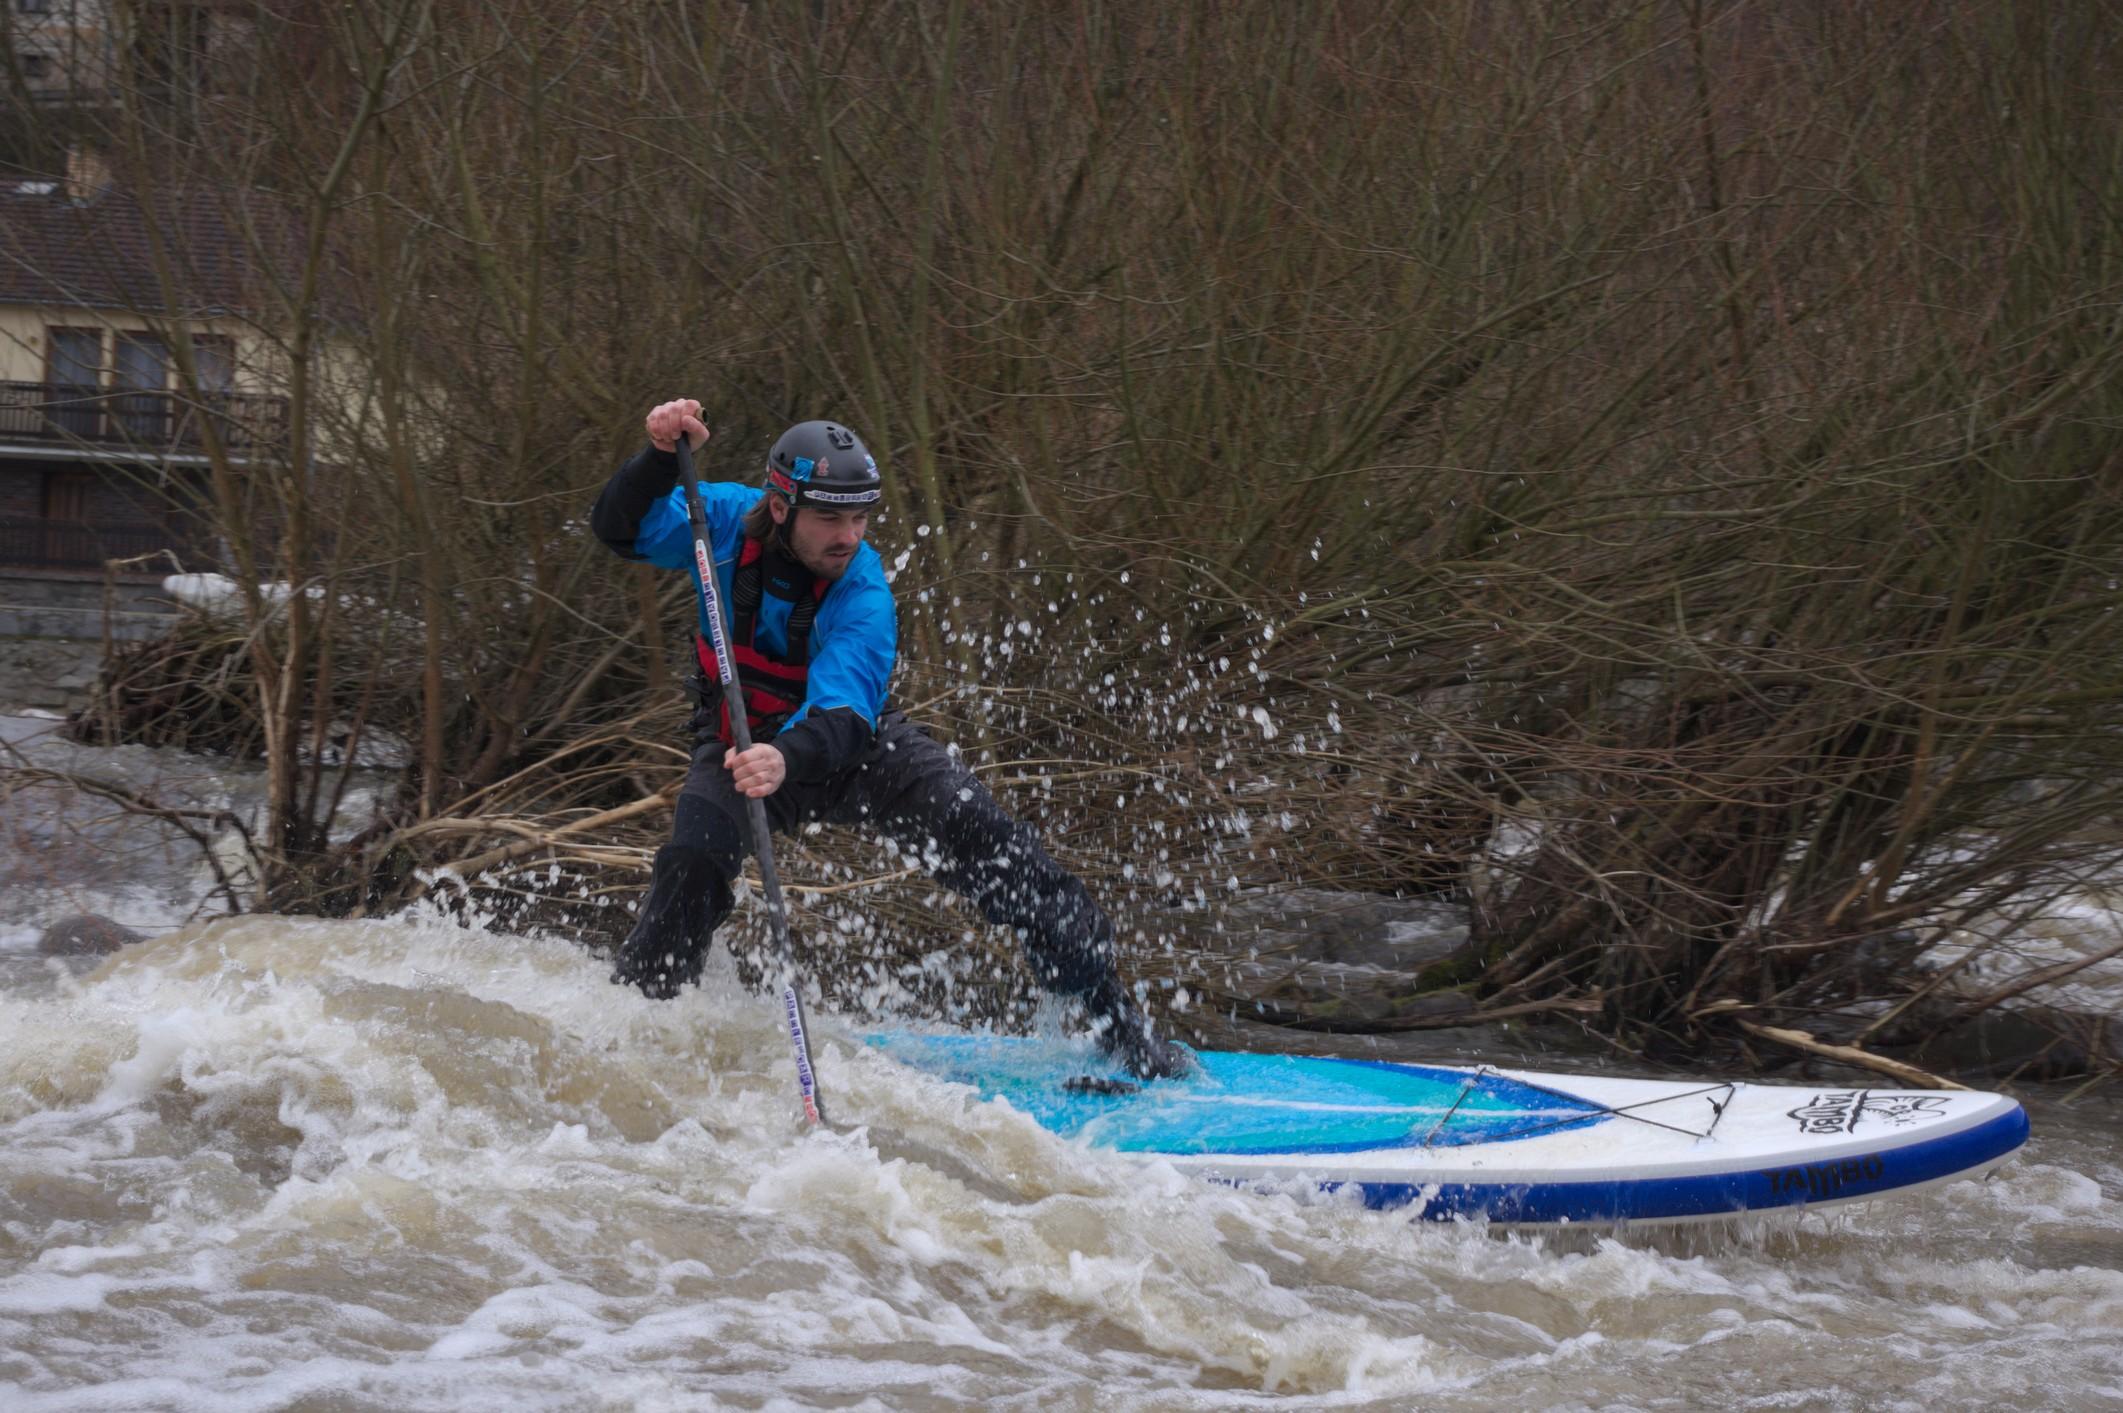 Czechia: Sazava River in February